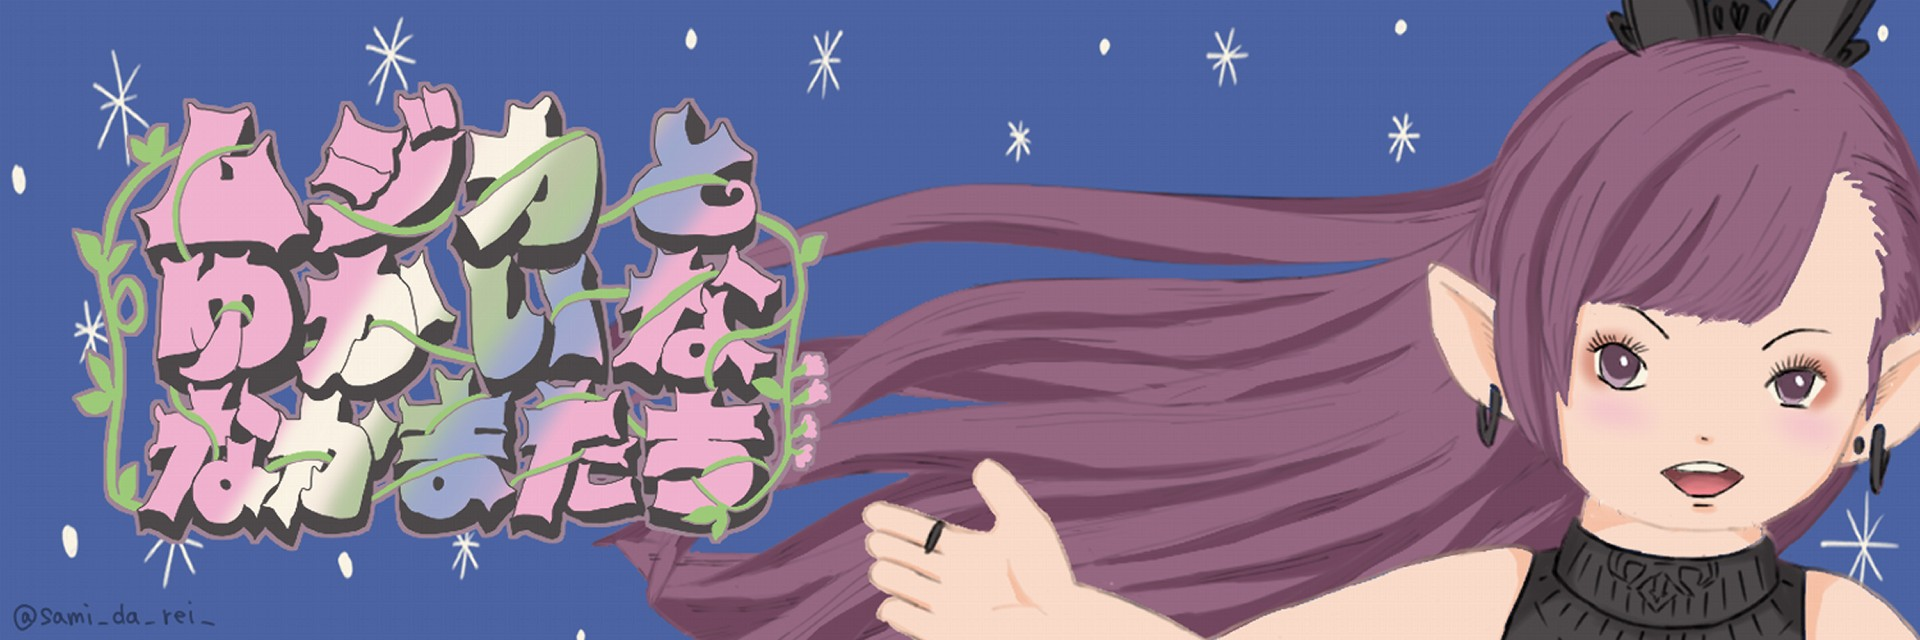 f:id:ryoushitsu-musica:20210904200905j:image